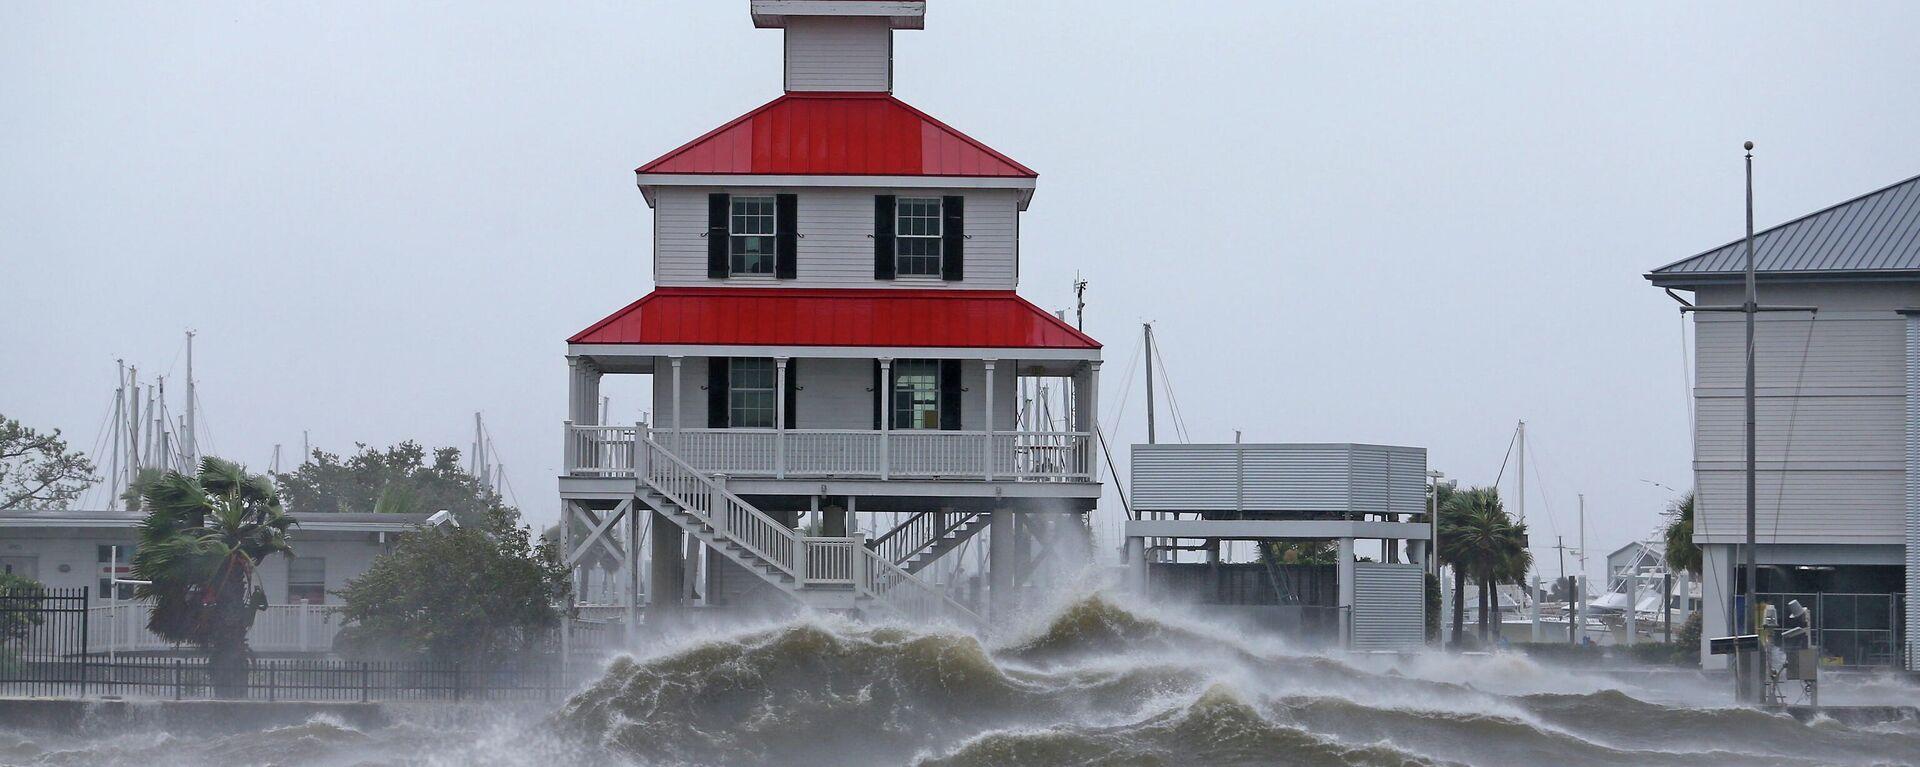 El huracán Ida golpea la costa de Nueva Orleans, 29 de agosto de 2021 - Sputnik Mundo, 1920, 29.08.2021